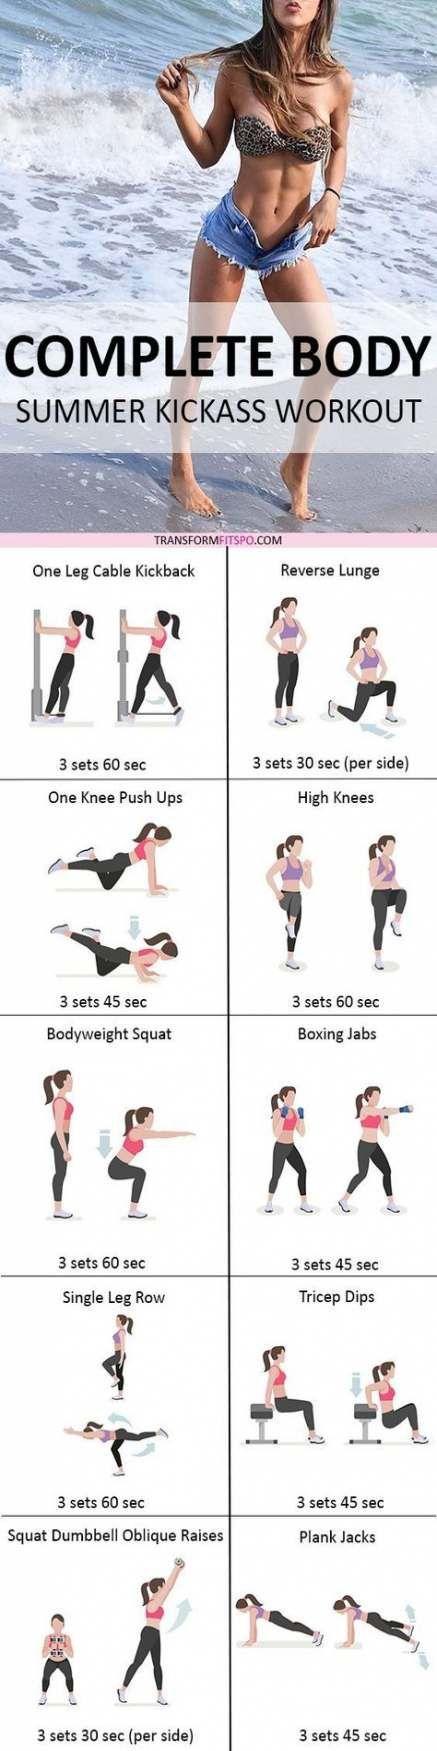 54+ Ideas Fitness Motivation Body Summer #motivation #fitness